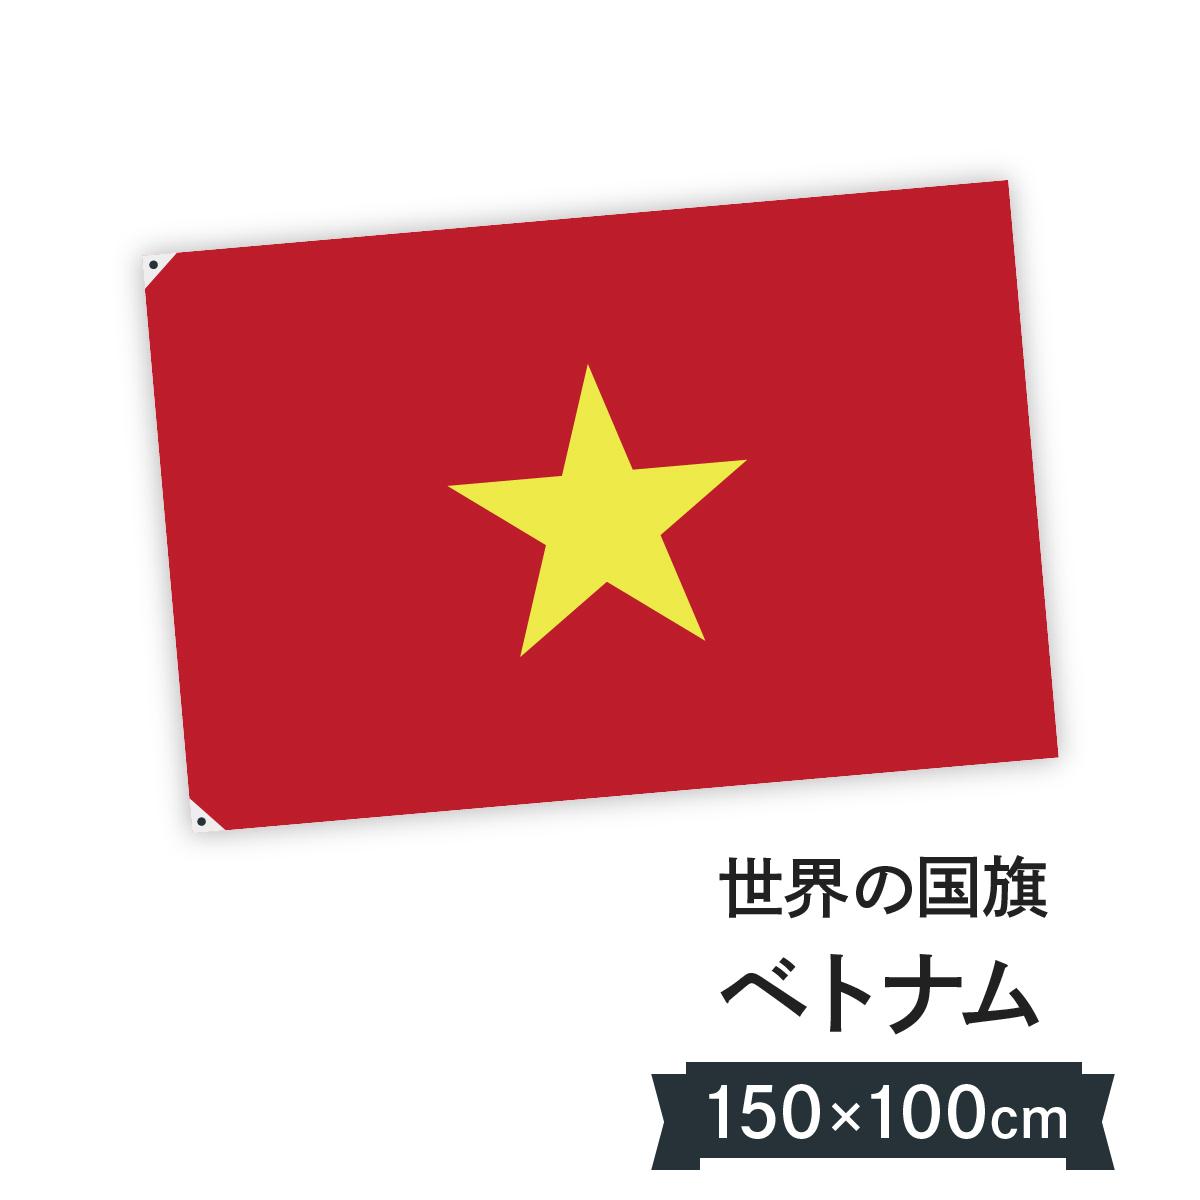 ベトナム社会主義共和国 国旗 W150cm H100cm